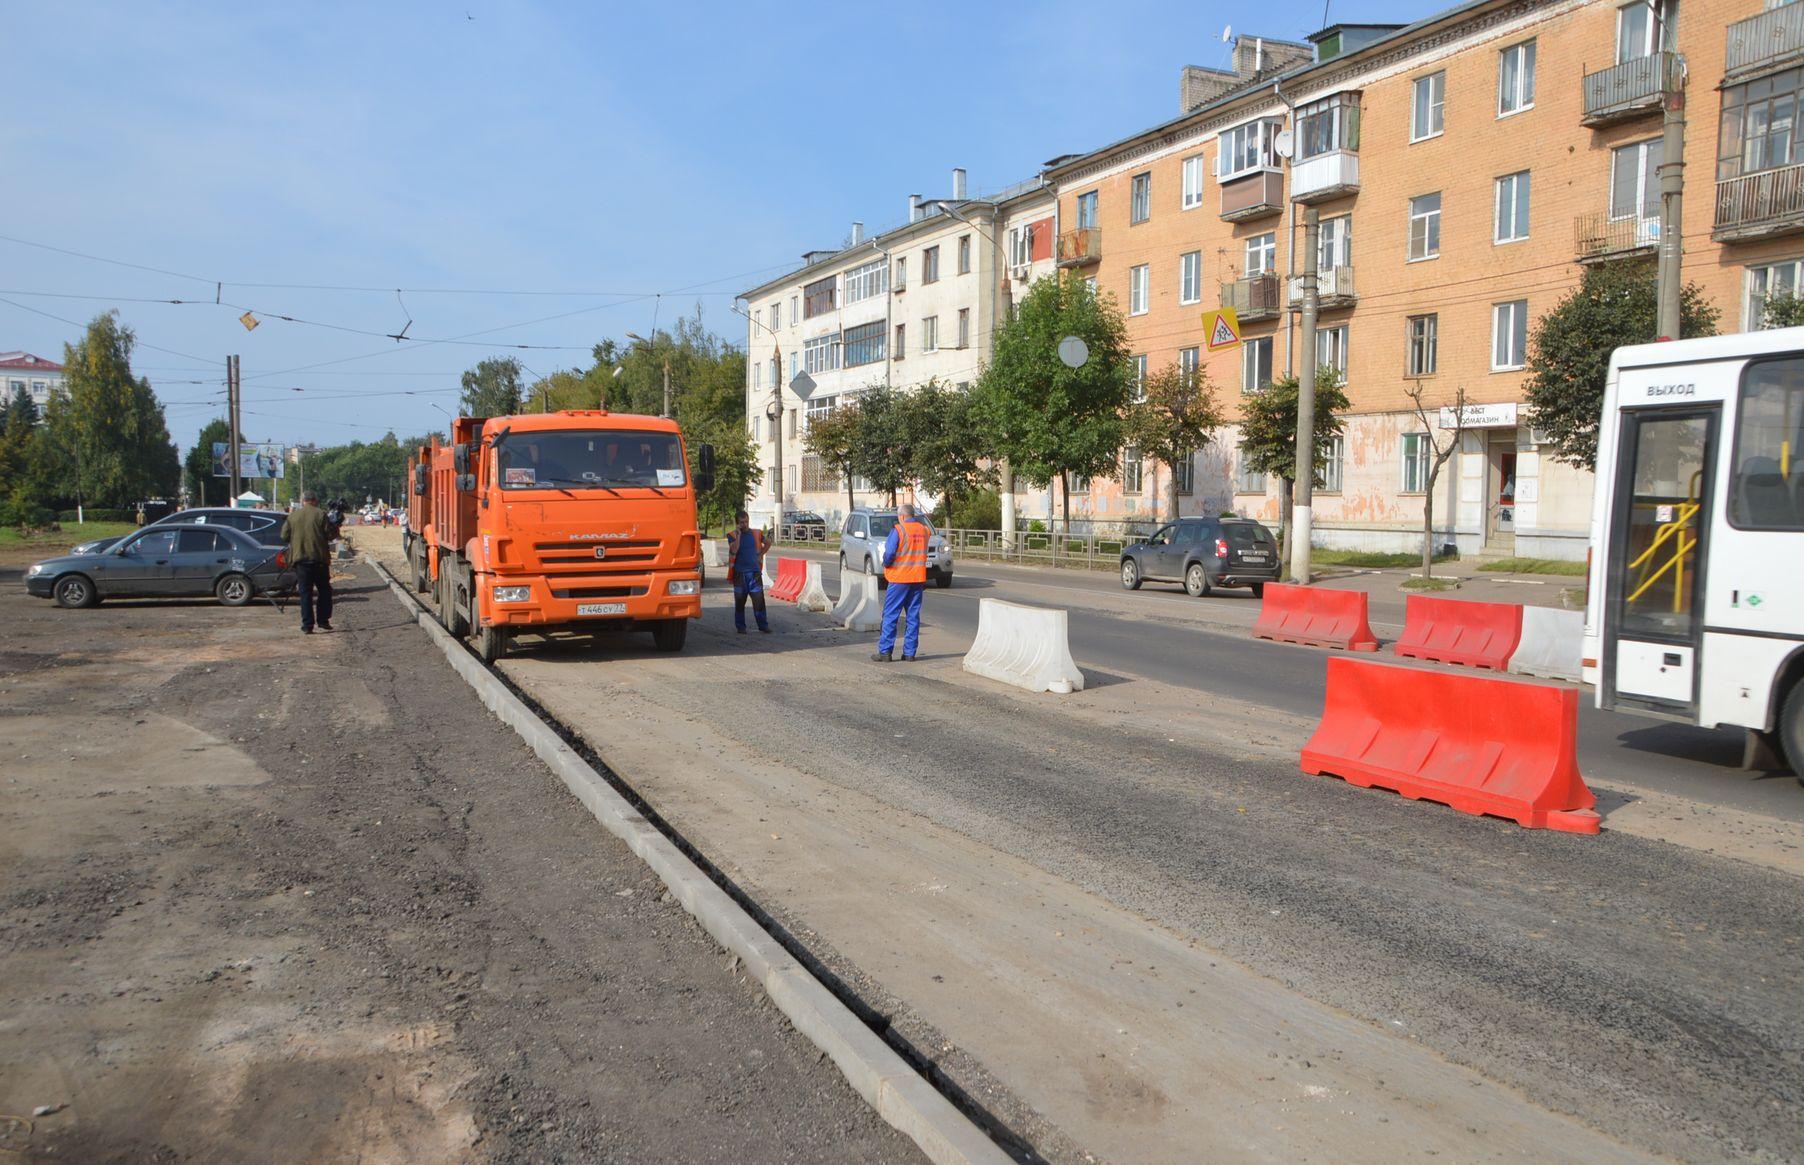 В Твери потратят еще 110 млн рублей на ремонт дорог и тротуаров - новости Афанасий